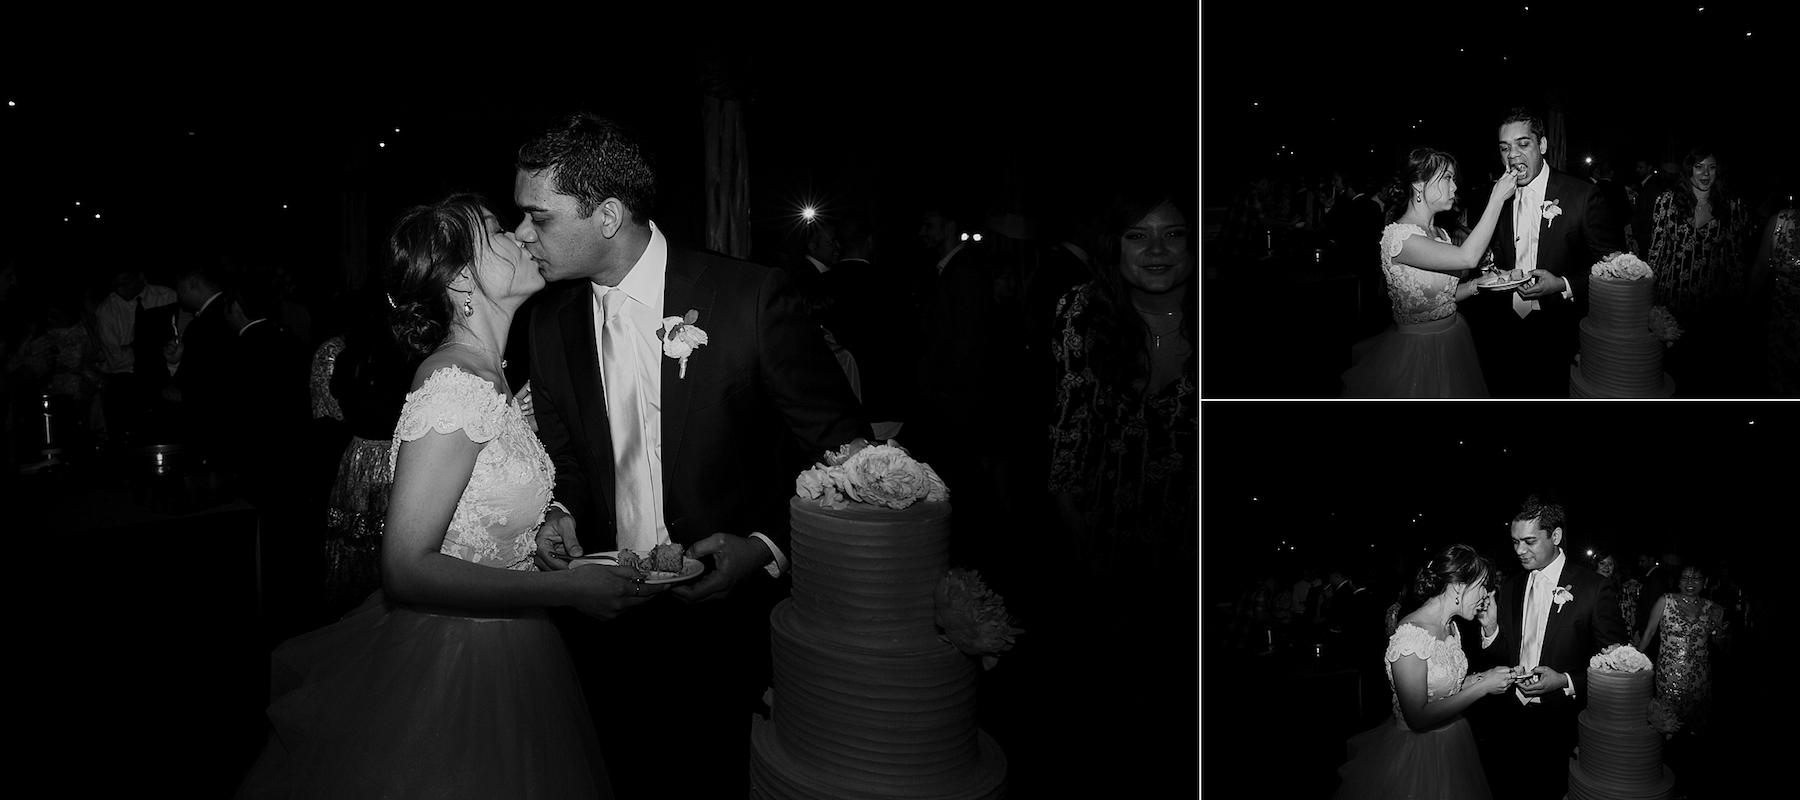 barr-mansion-wedding-austin-texas8912a.JPG